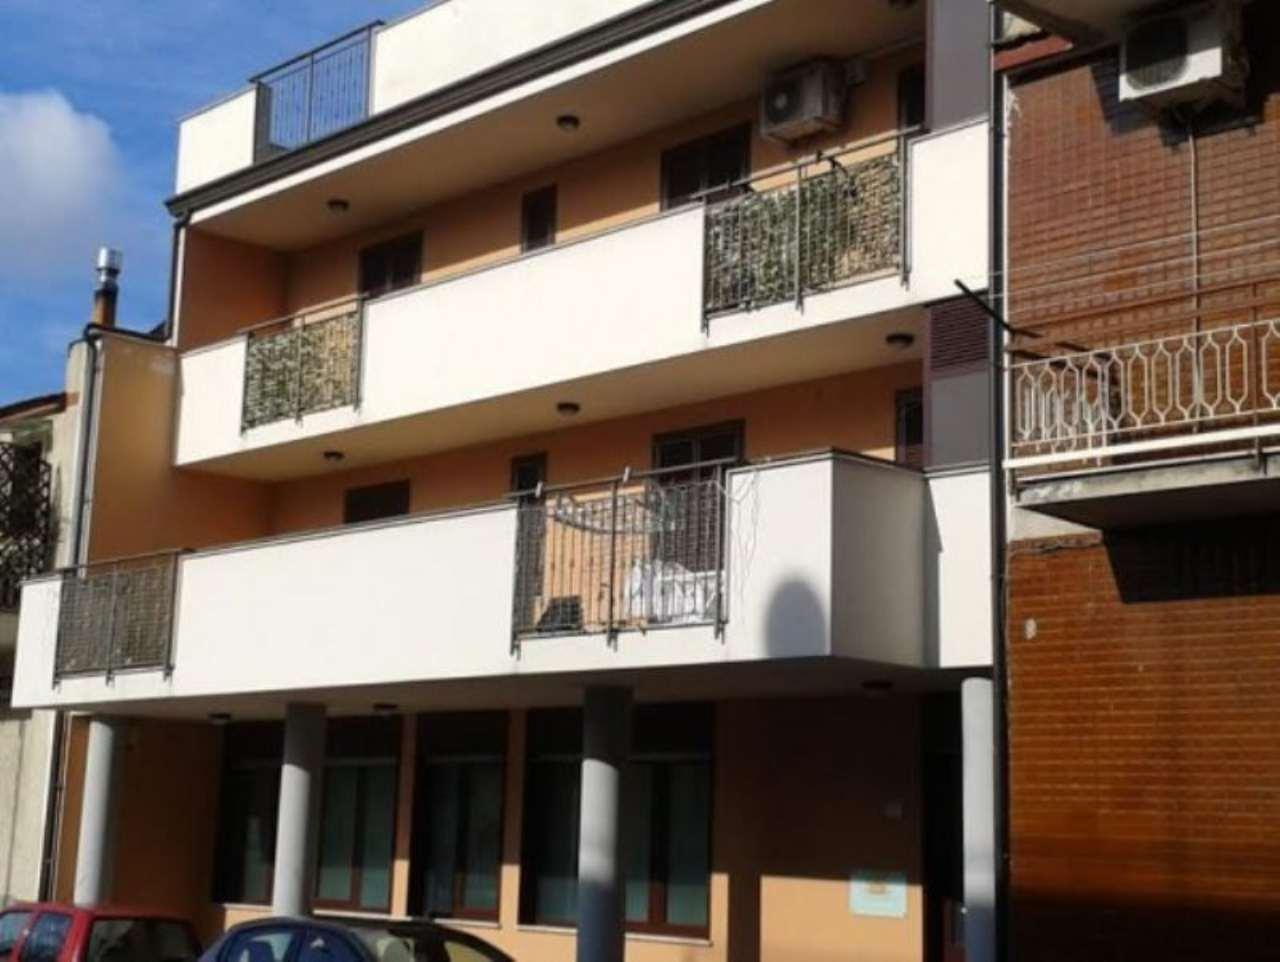 Palazzo / Stabile in vendita a Frattaminore, 9999 locali, Trattative riservate | CambioCasa.it